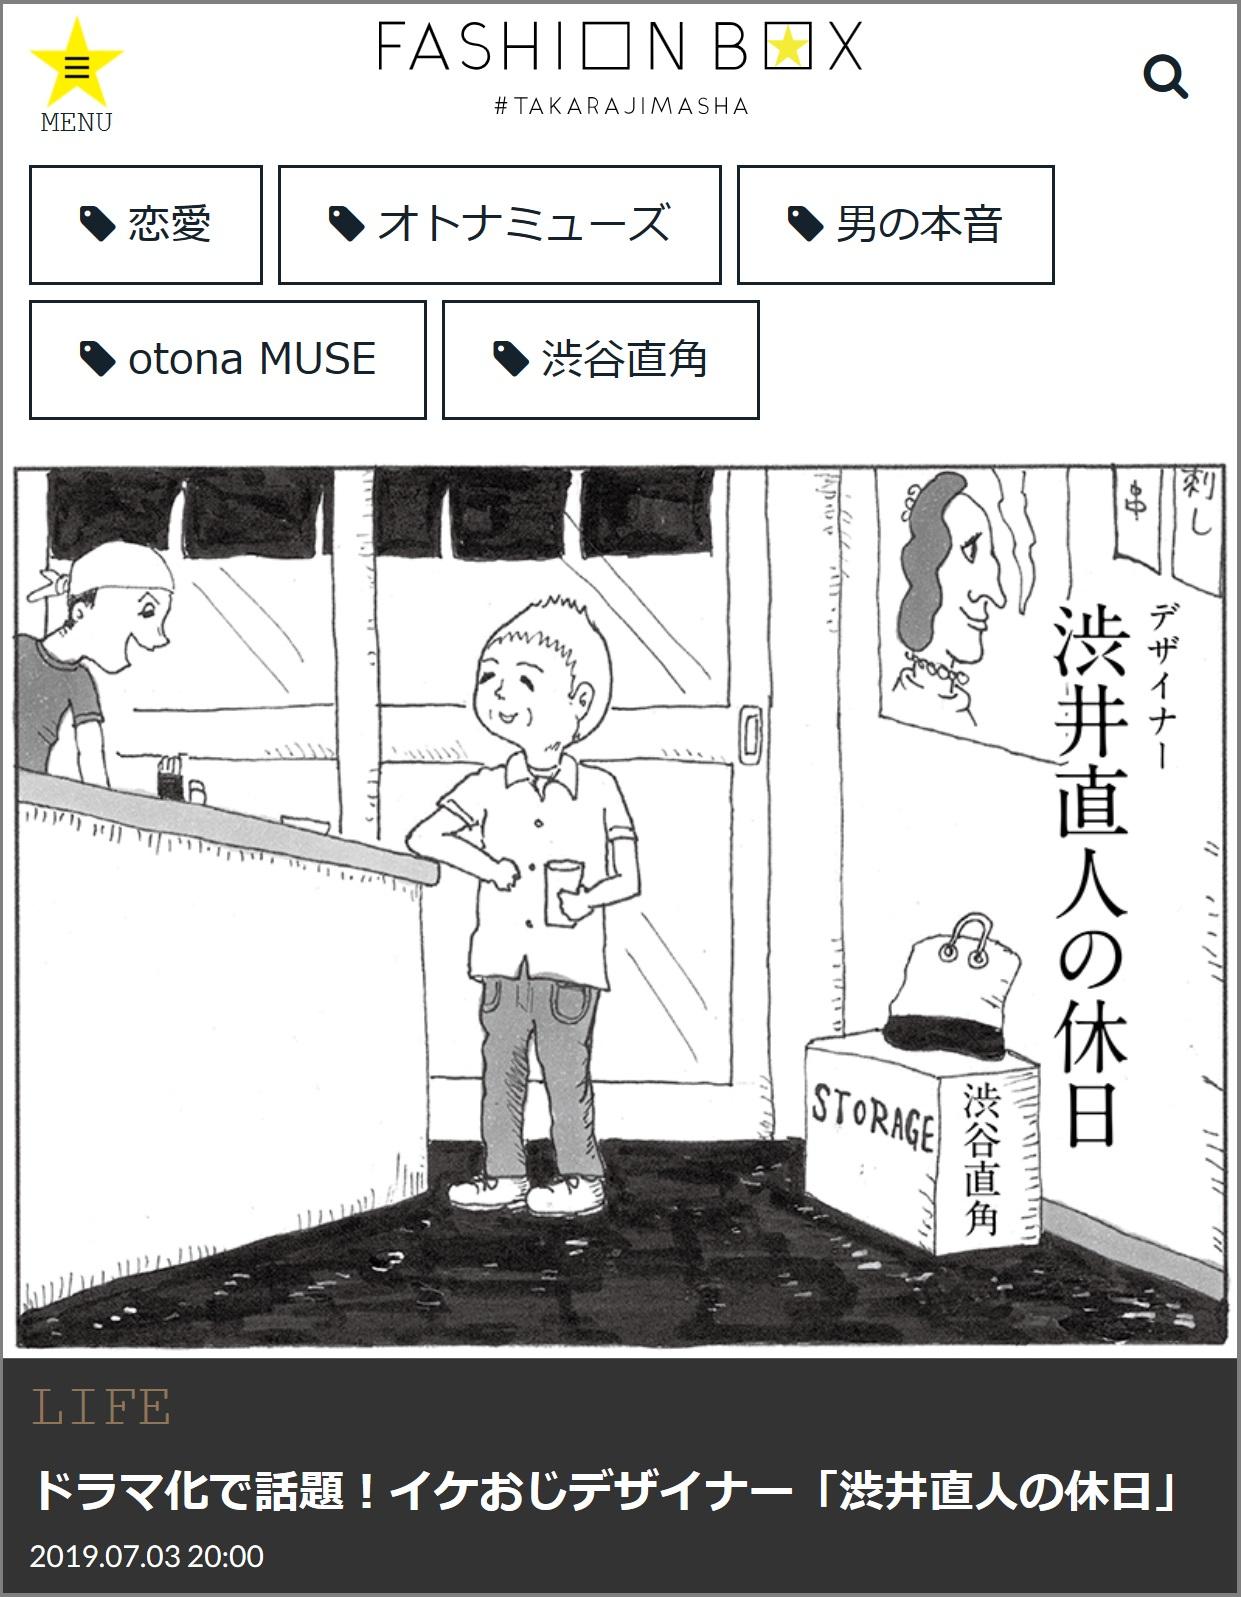 デザイナー 渋井直人の休日